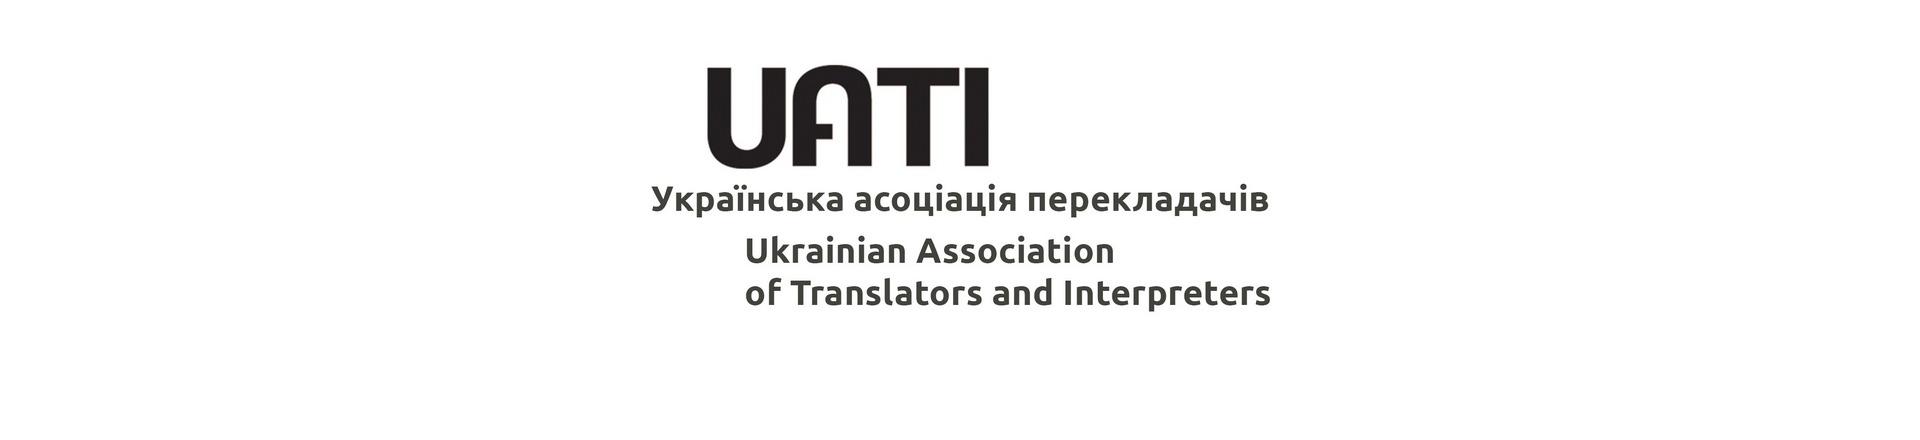 Вступ до Української асоціації перекладачів